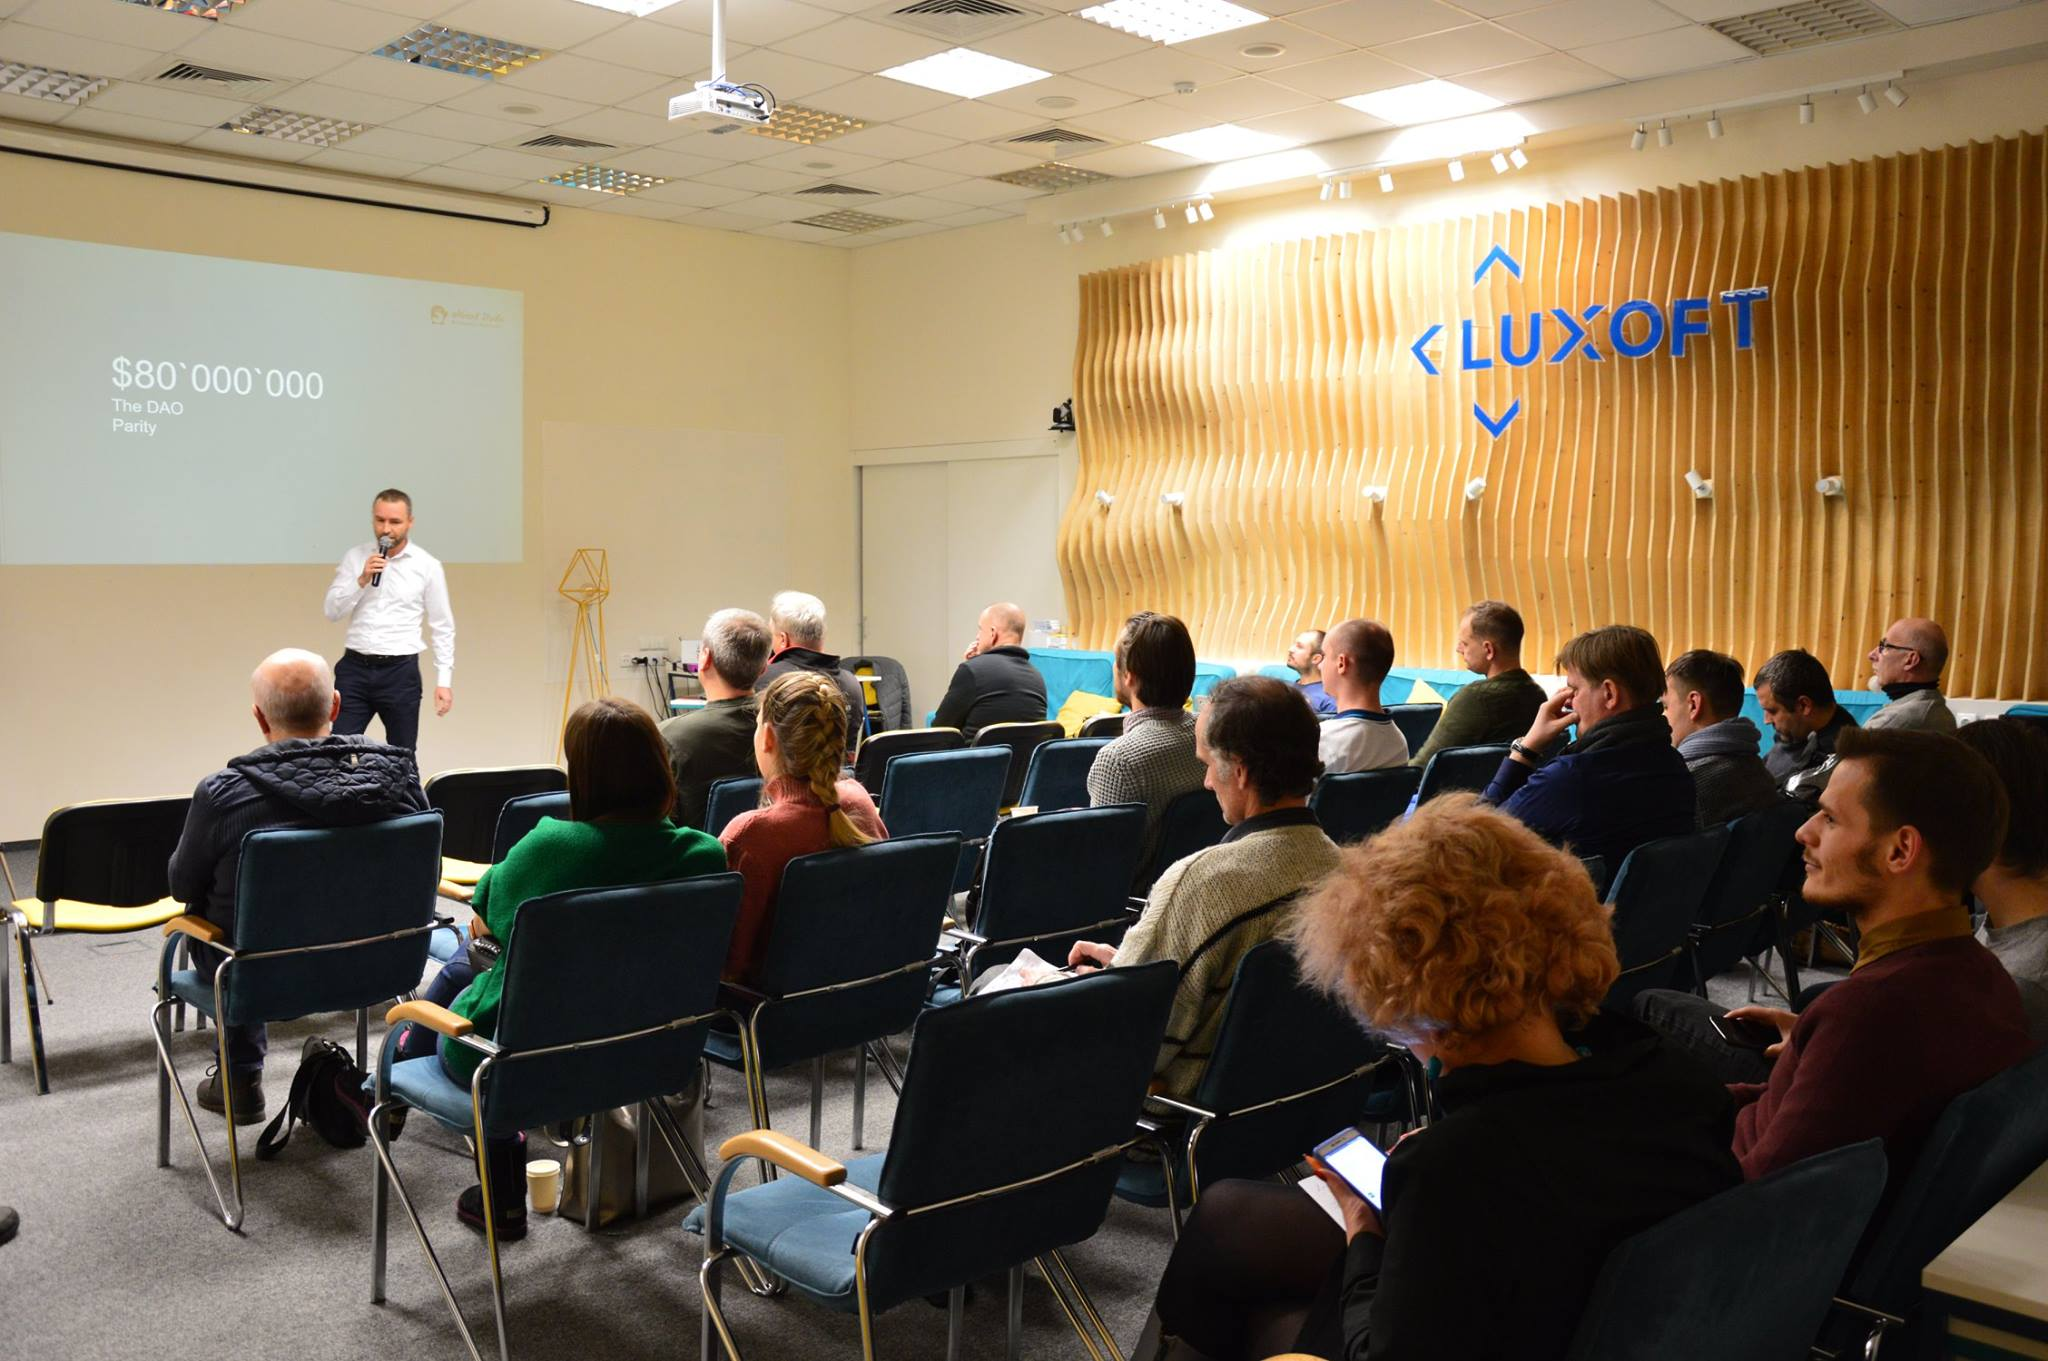 IT-гигант Luxoft с офисом в Украине купили за $2 млрд. Чем занималось украинское подразделение